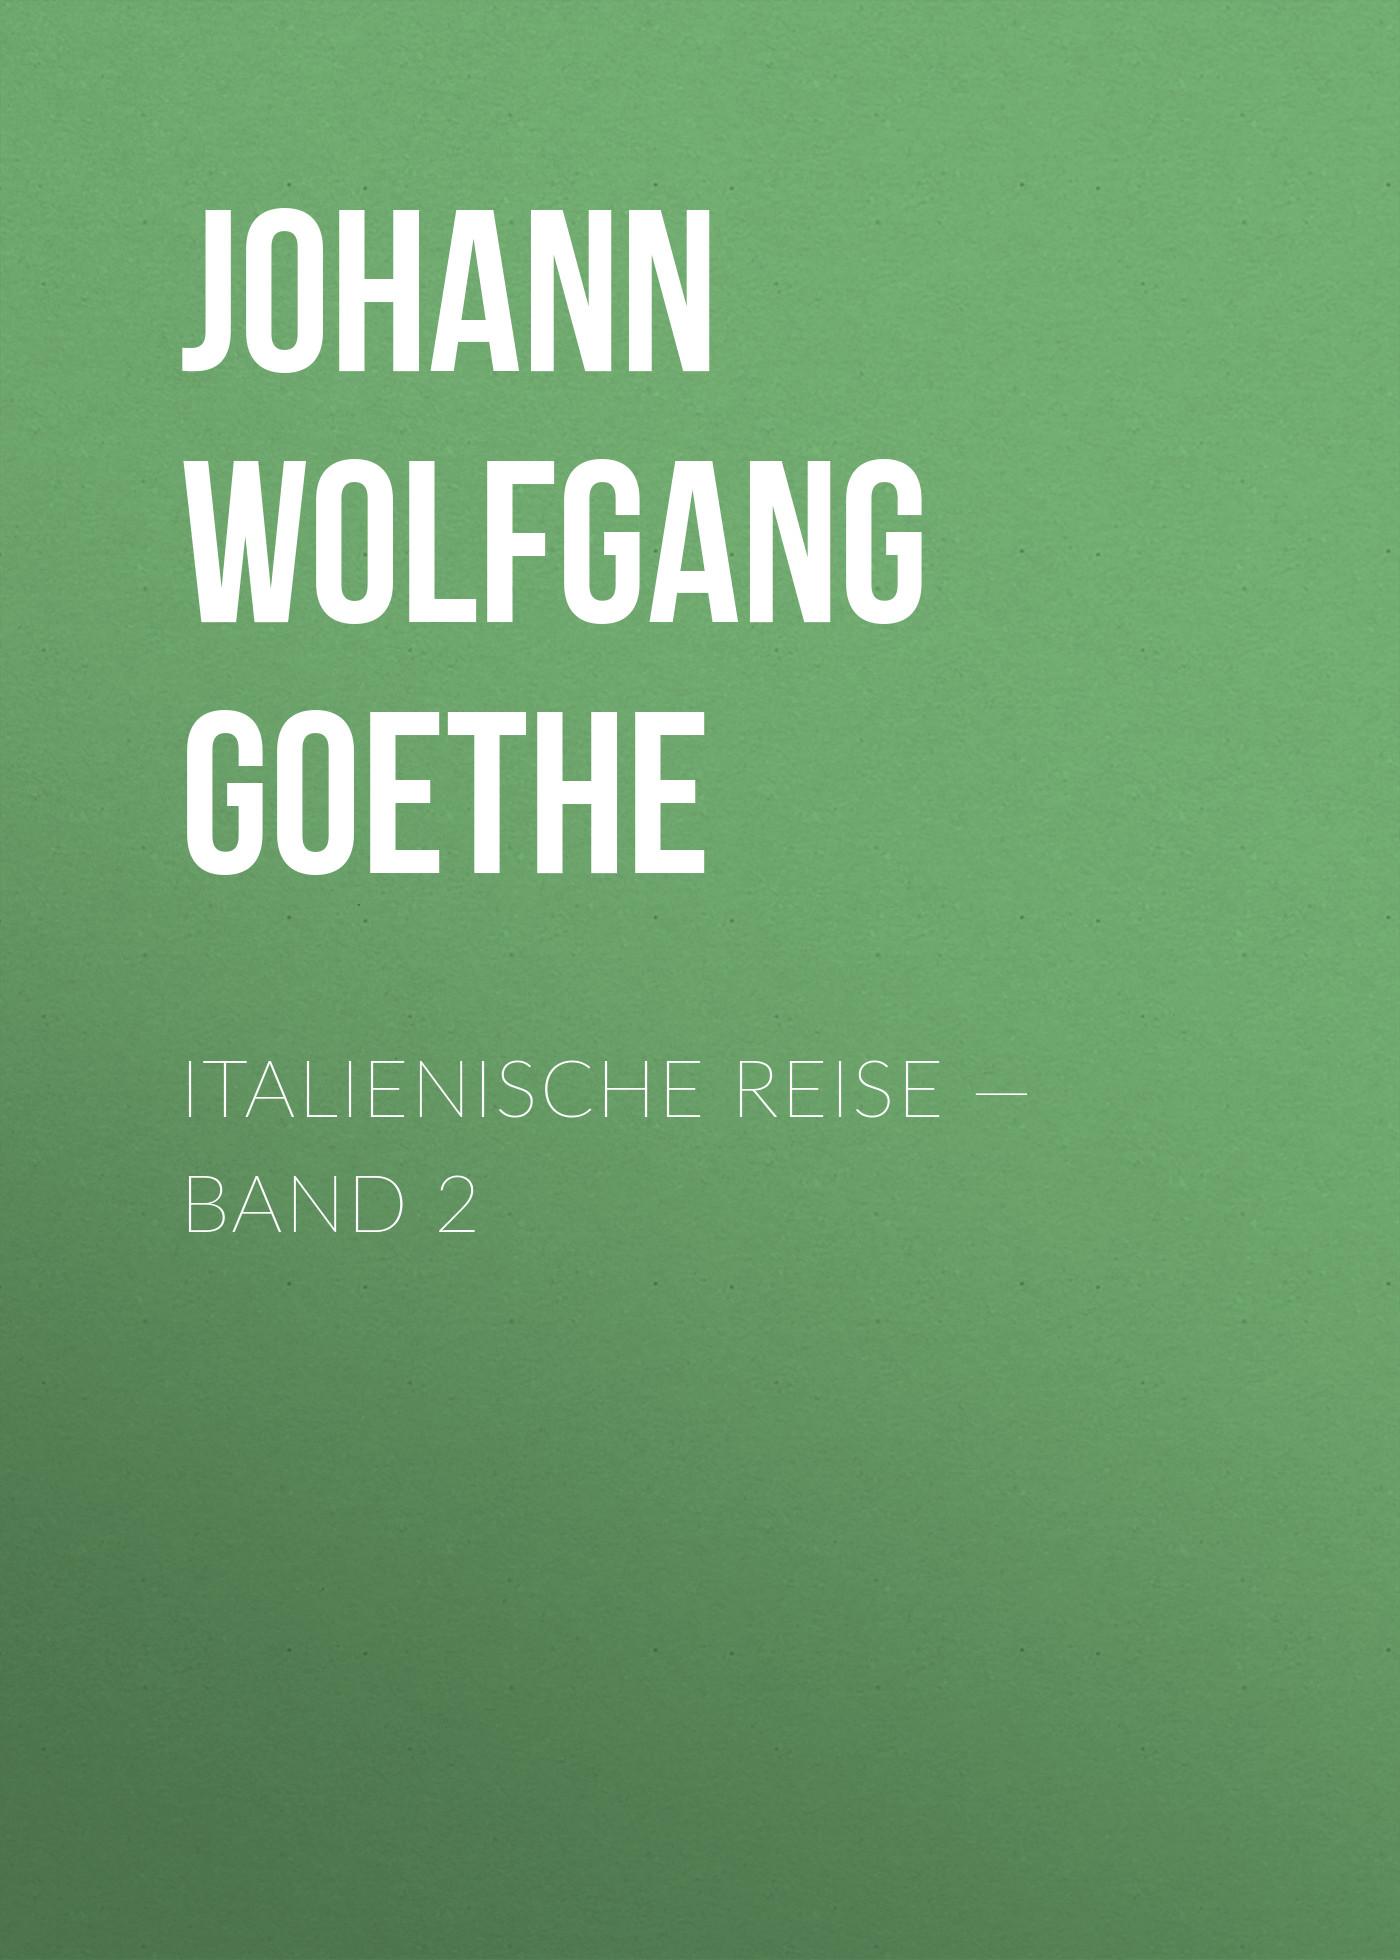 Иоганн Вольфганг фон Гёте Italienische Reise — Band 2 иоганн вольфганг фон гёте прометей